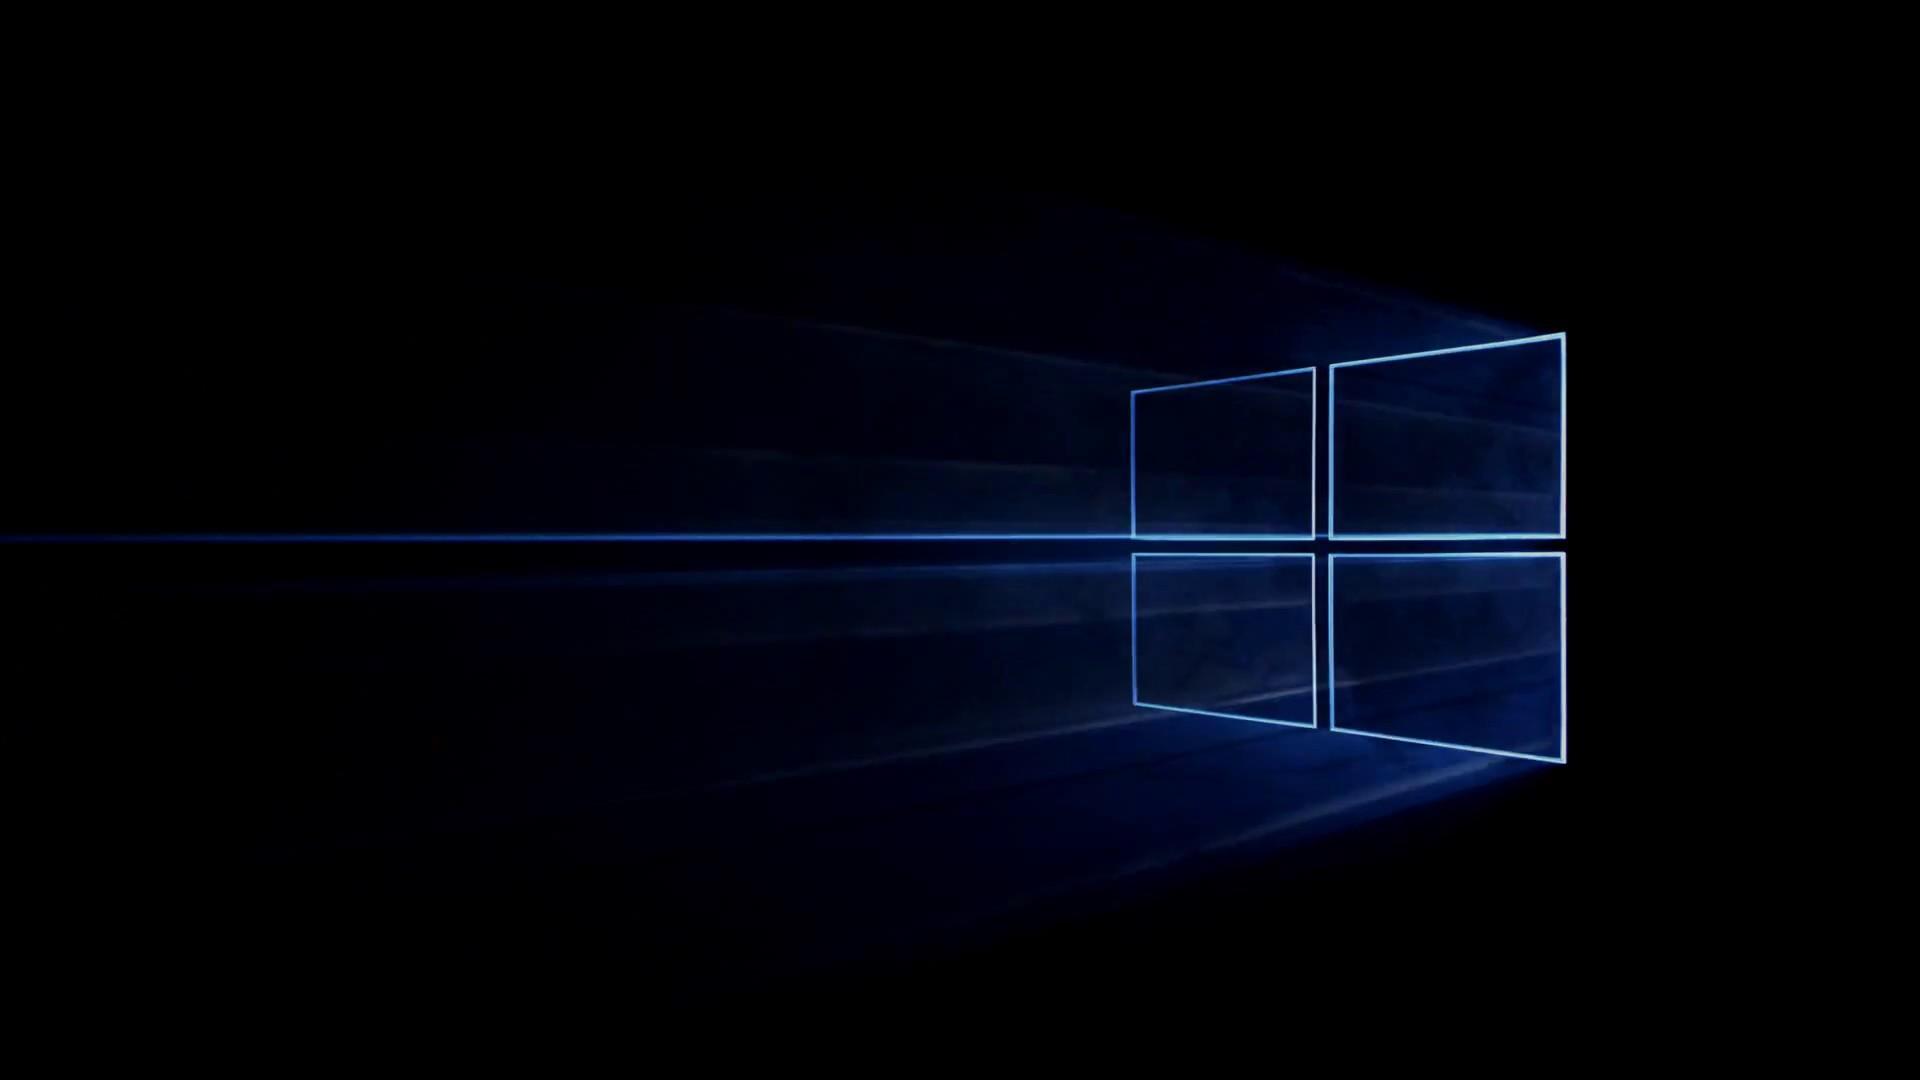 Windows 10 fond dcran officiel et les coulisses de sa cration 1920x1080